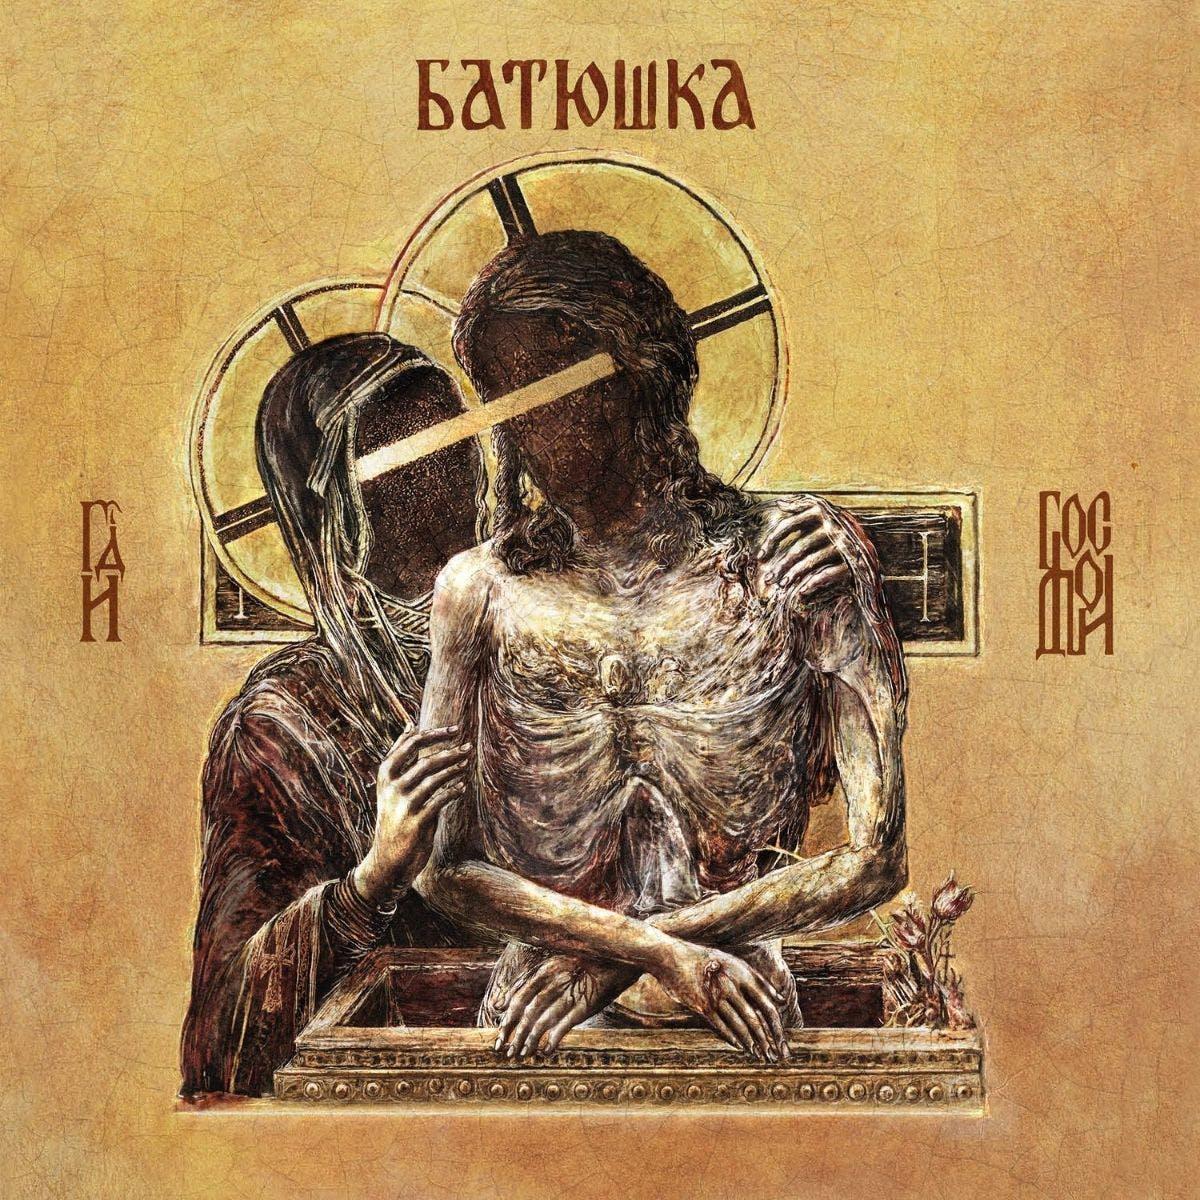 Batushka Hospodi album cover